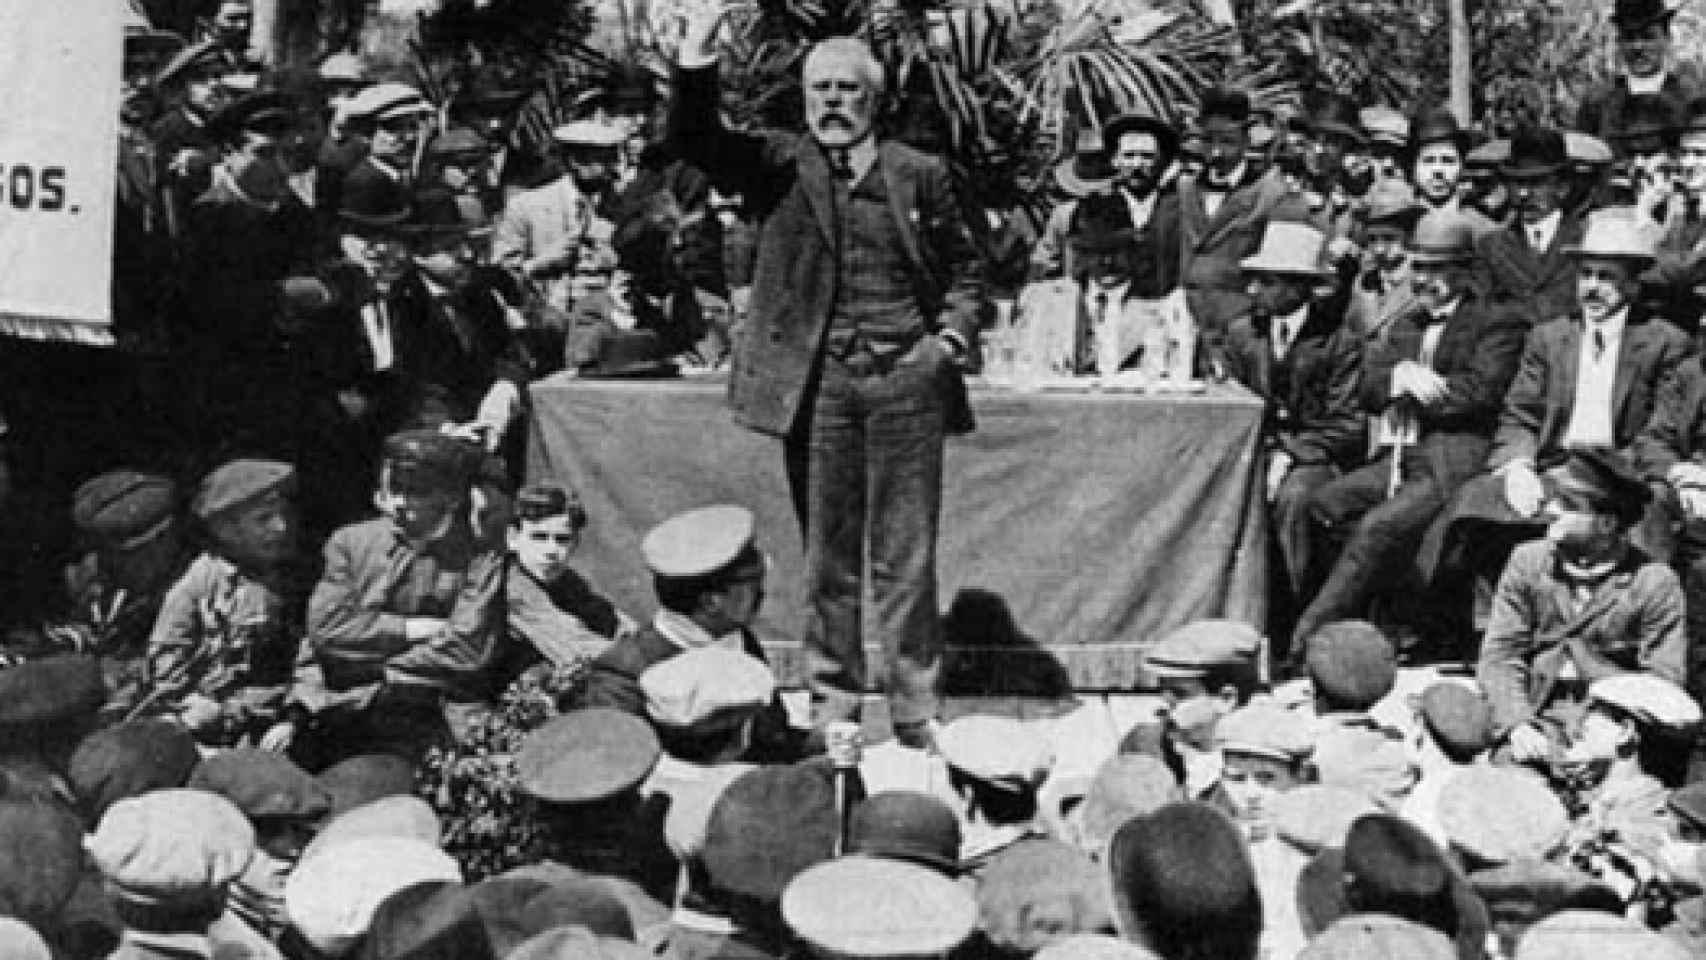 Mitin de Pablo Iglesias, fundador del Partido Socialista Obrero Español.